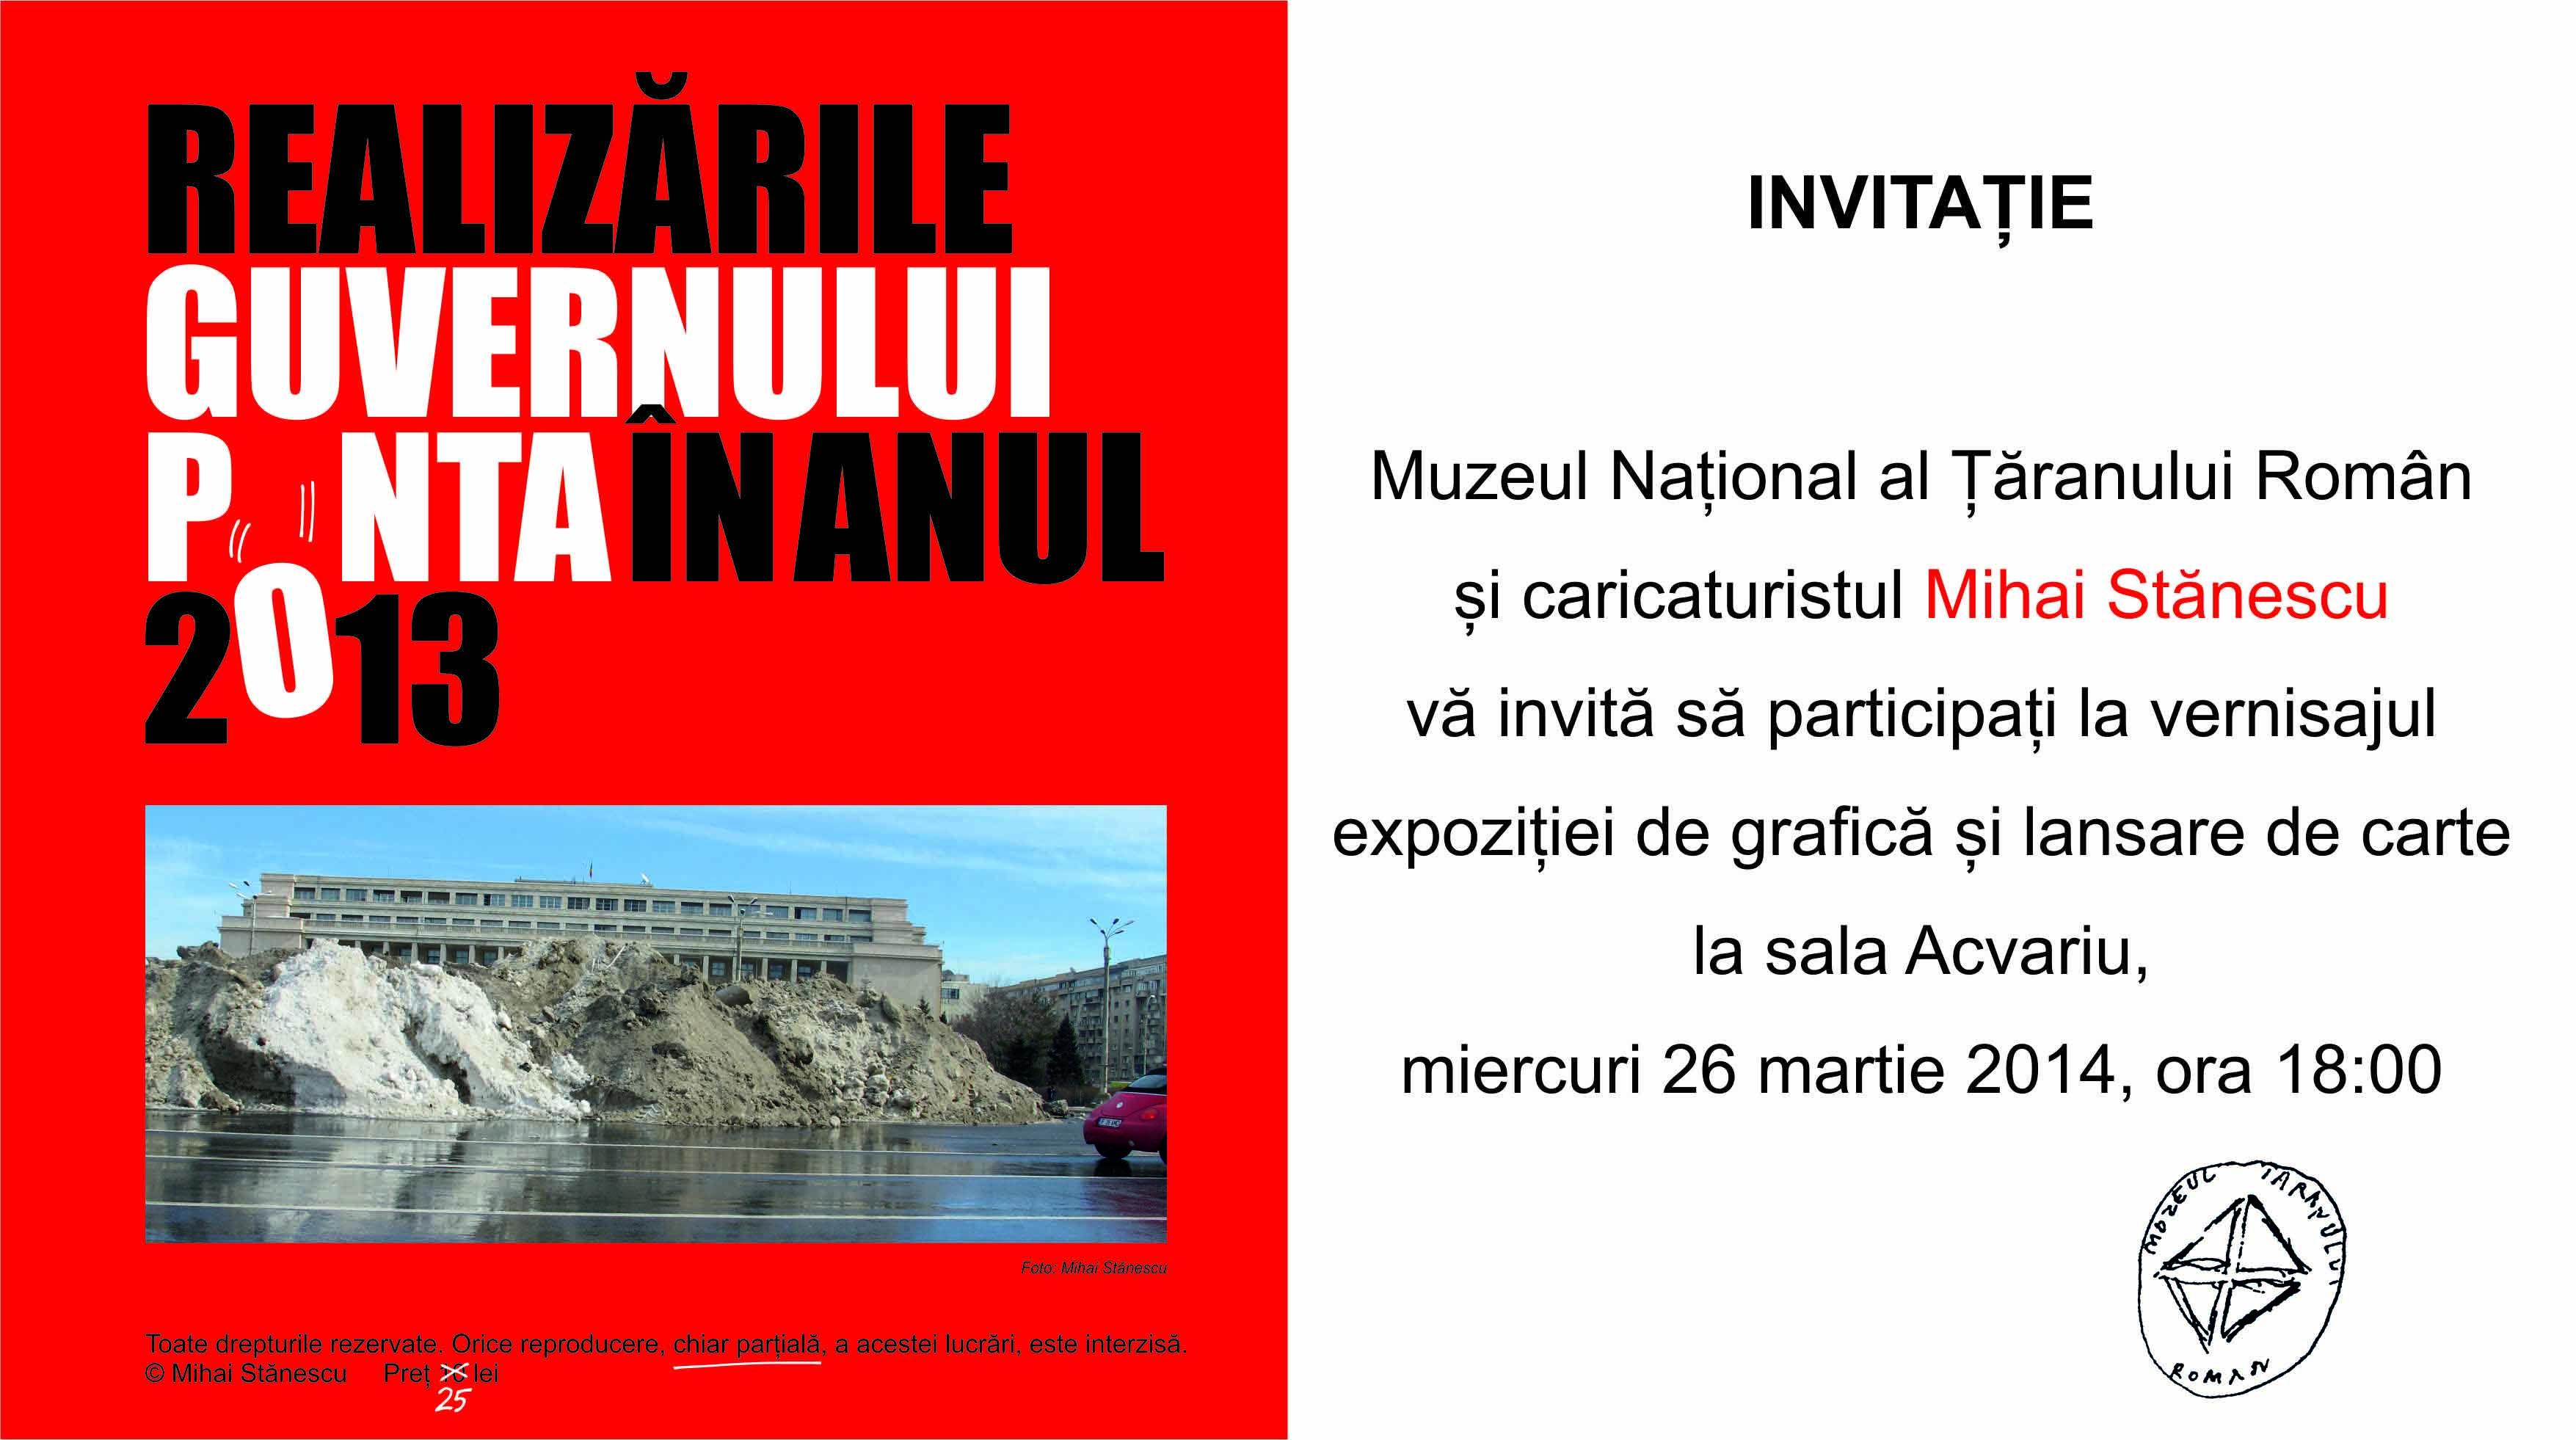 invitatie_Mihai Stanescu